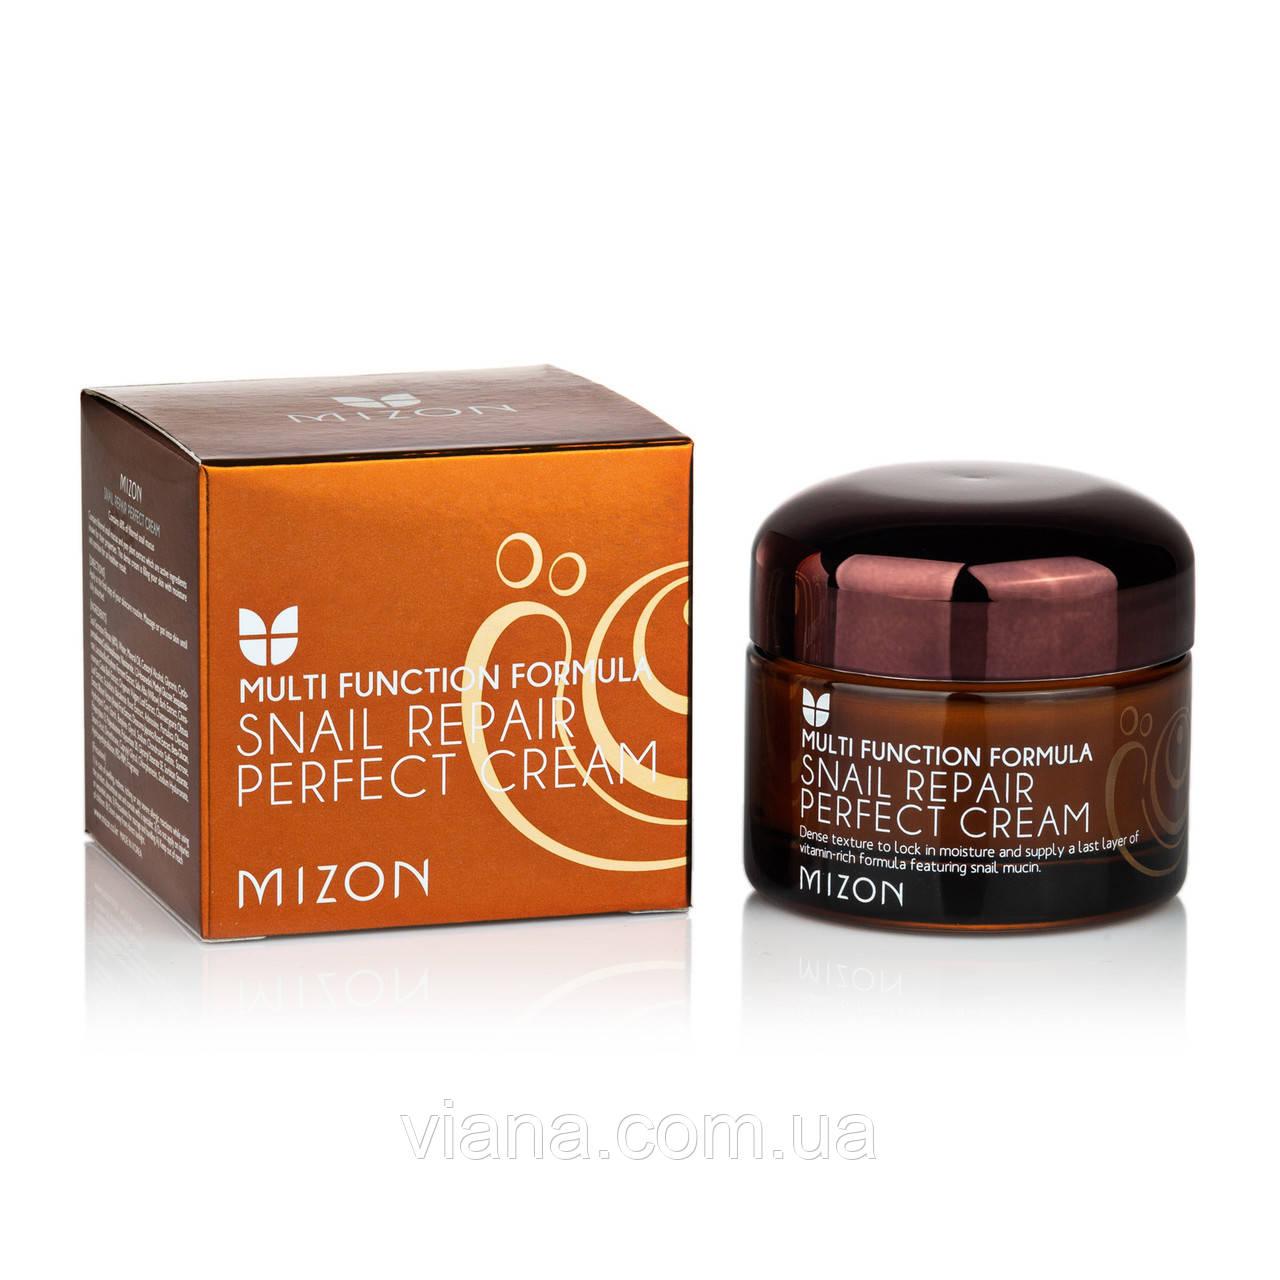 Питательный улиточный крем для лица MIZON Snail Repair Perfect Cream 50 ml